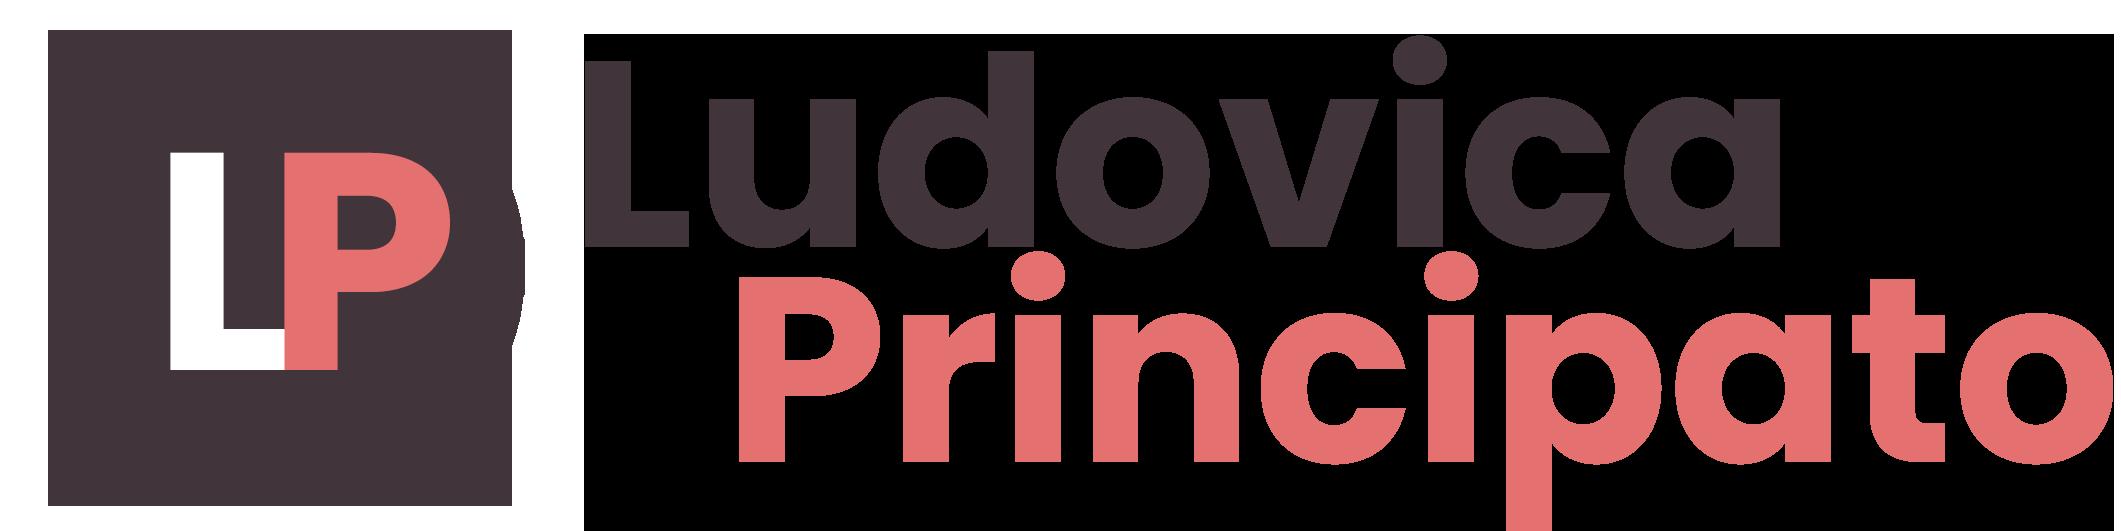 Ludovica Principato